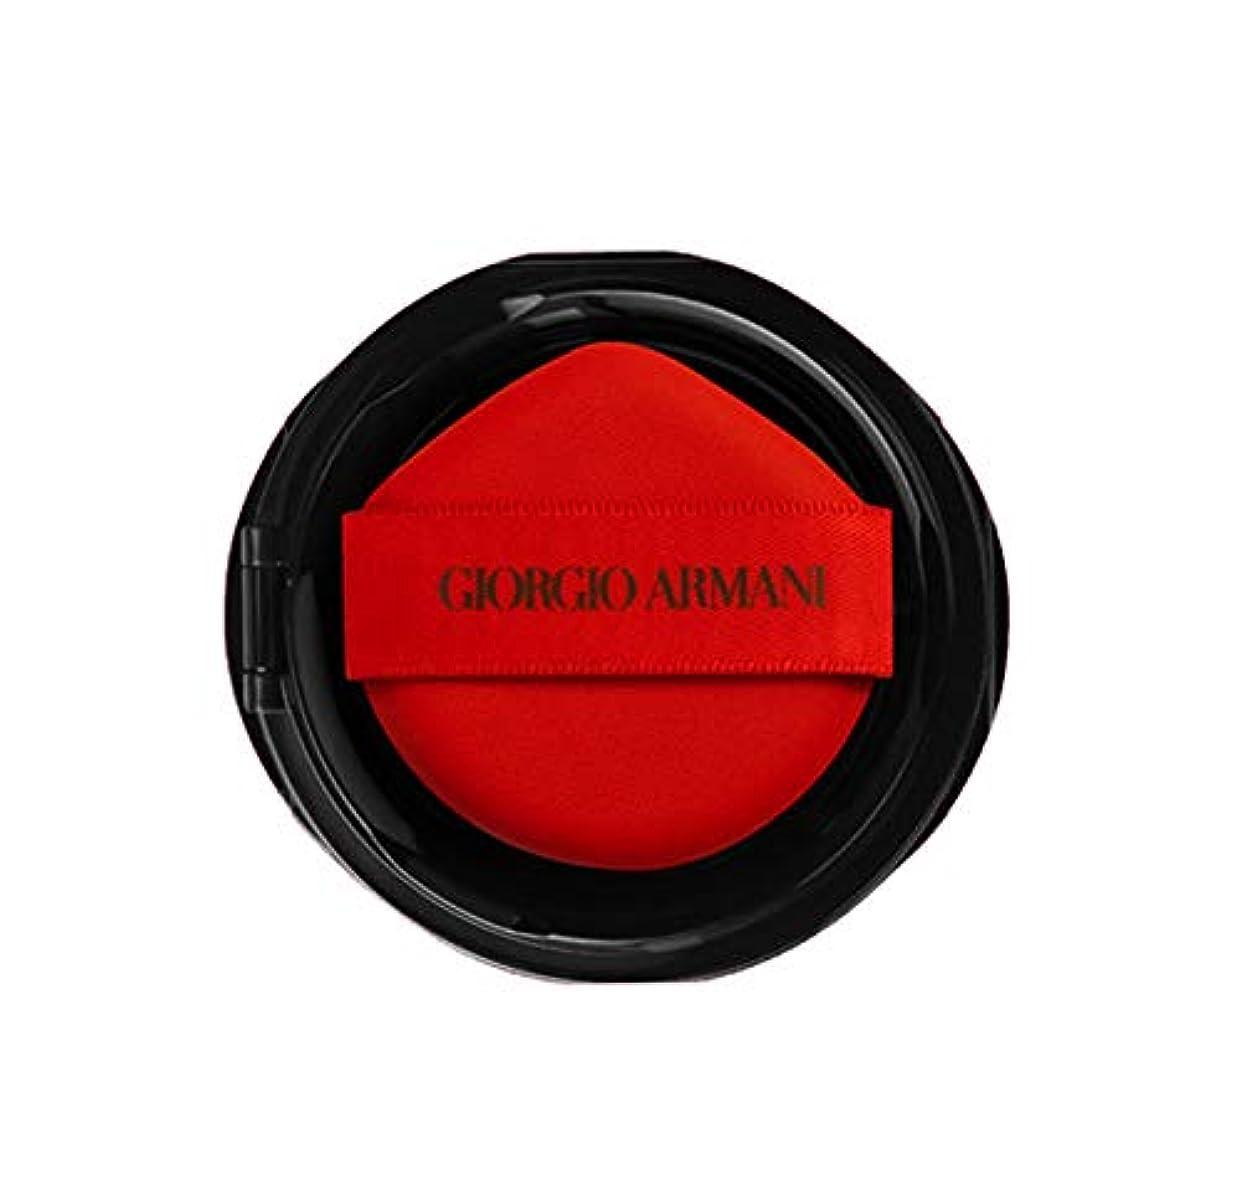 エール残酷作家[ジョルジオ アルマーニ ビューテ(Giorgio Armani Beauty)] マイ アルマーニ トゥ ゴー クッション(補充 レフィル) SPF23 PA+++ 15g #3